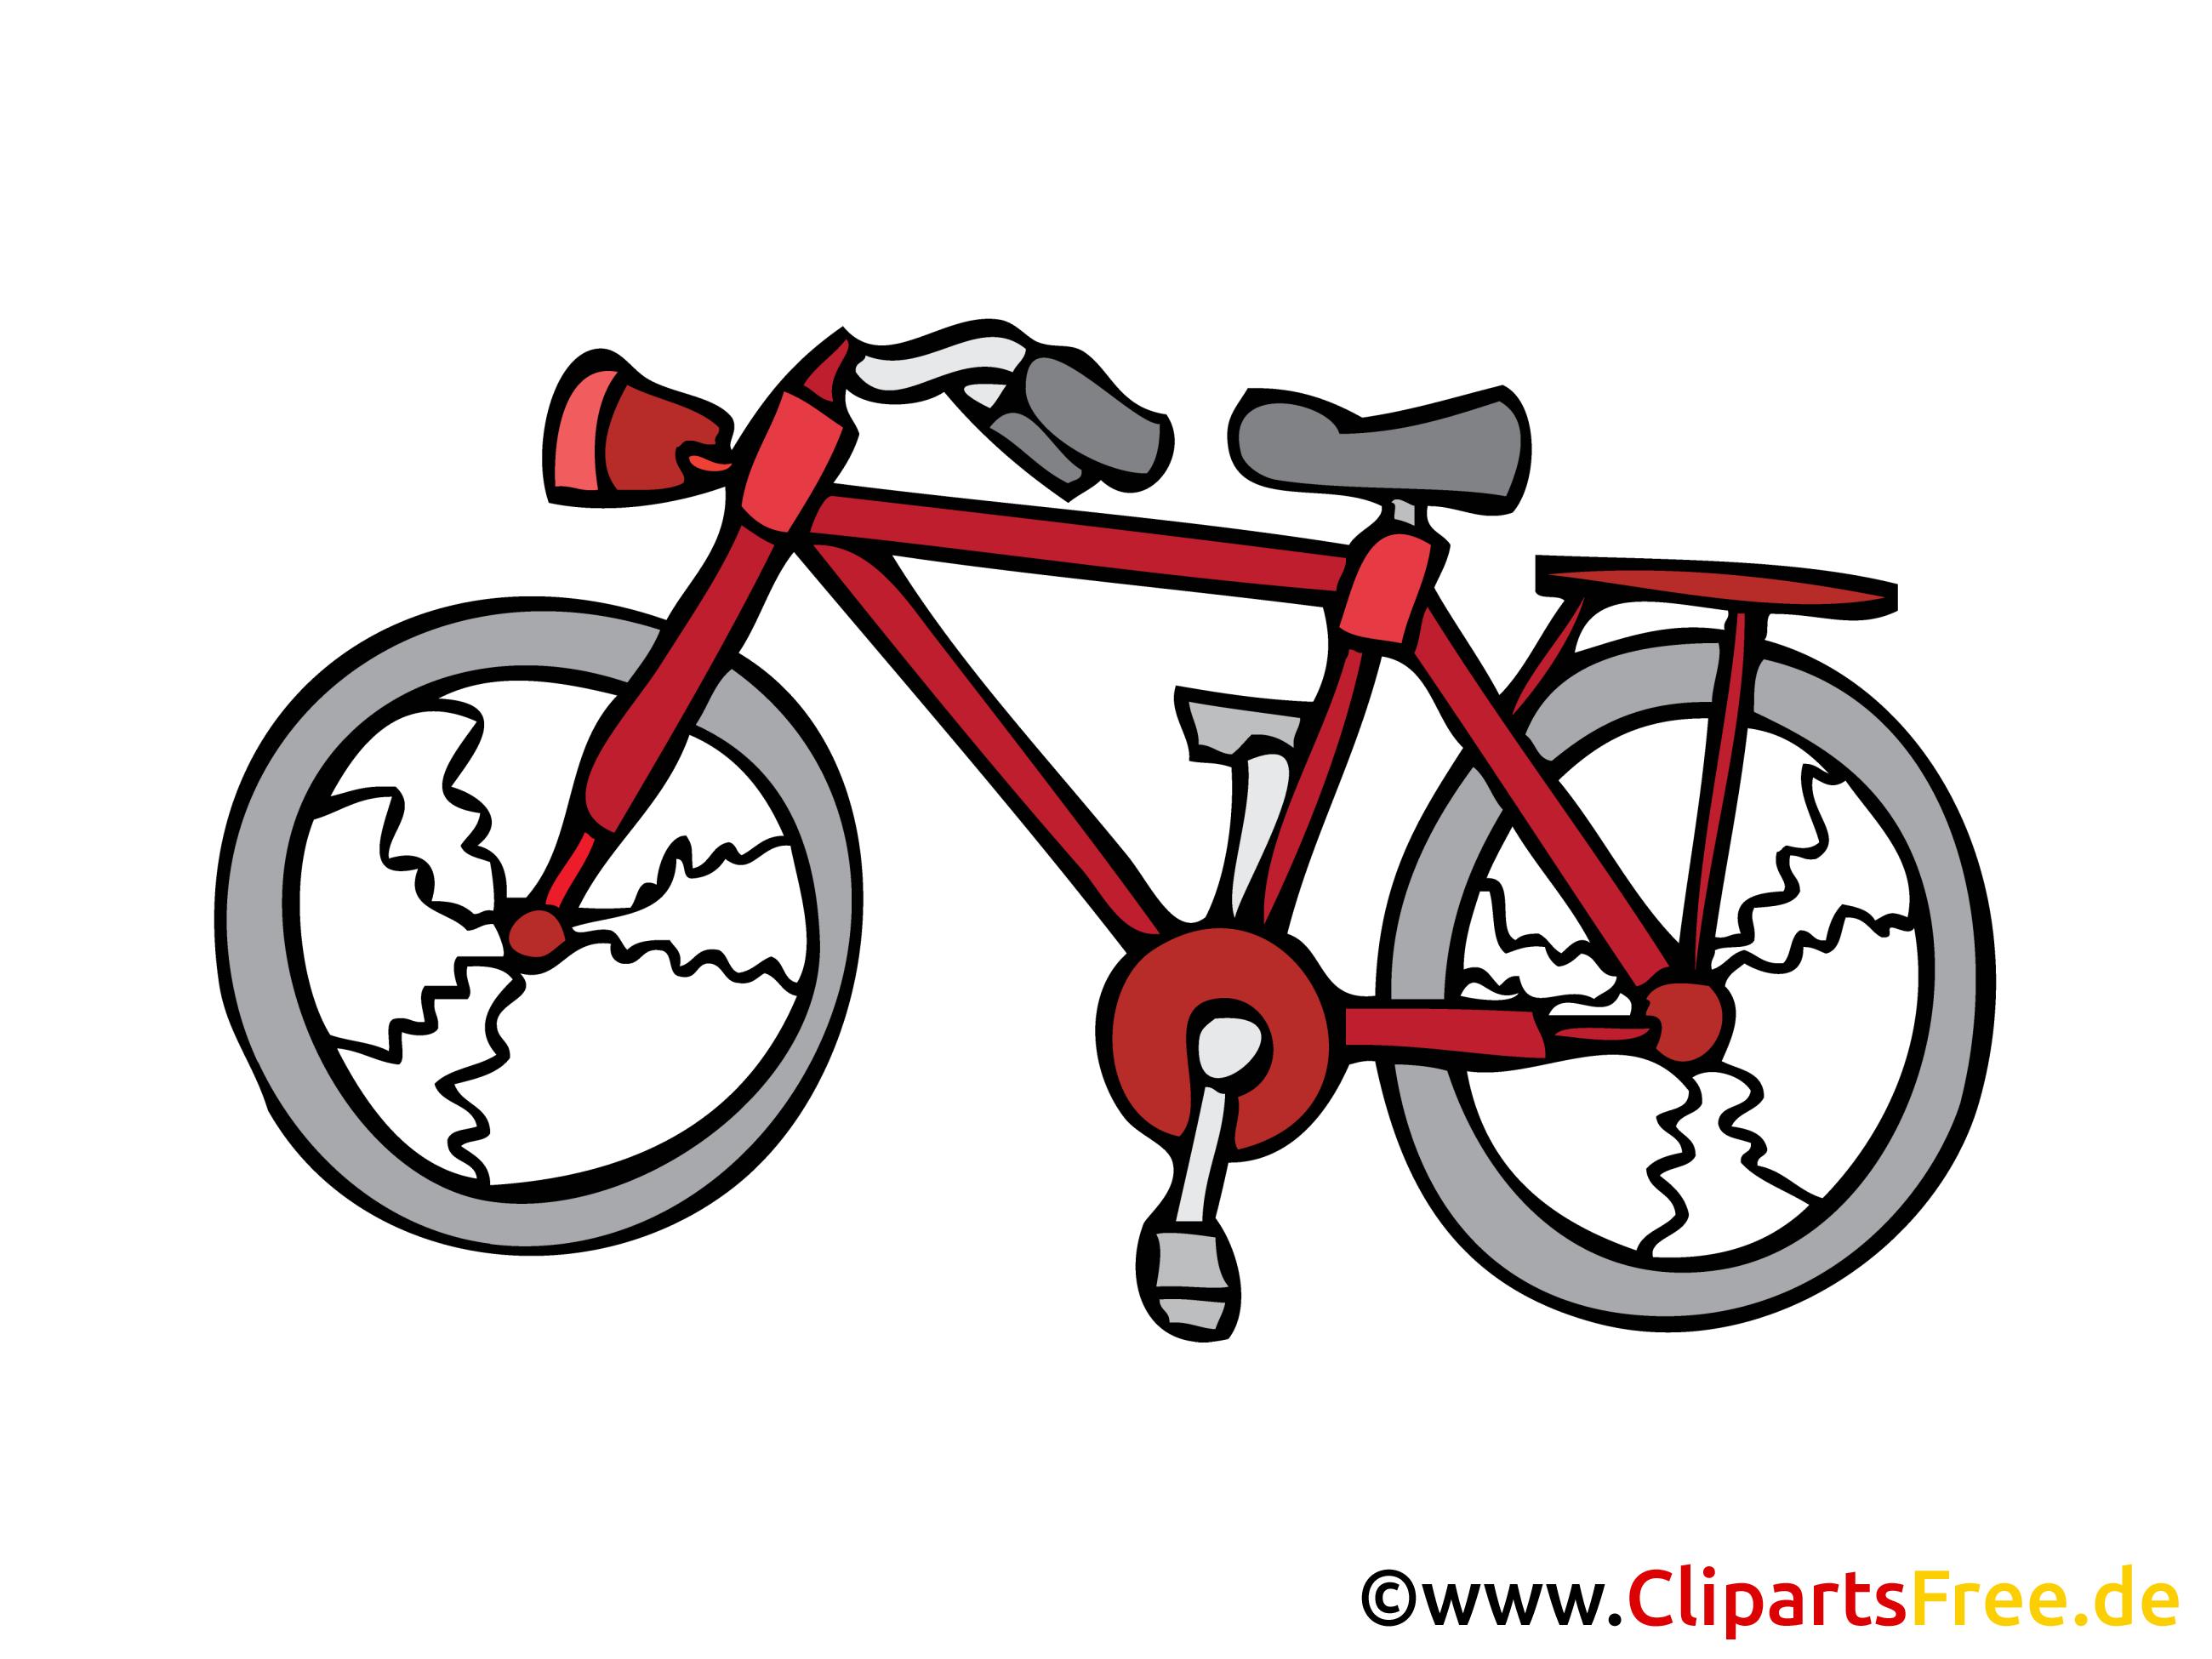 Fahrrad Bild, Clipart, Illustration, Grafik, Zeichnung kostenlos